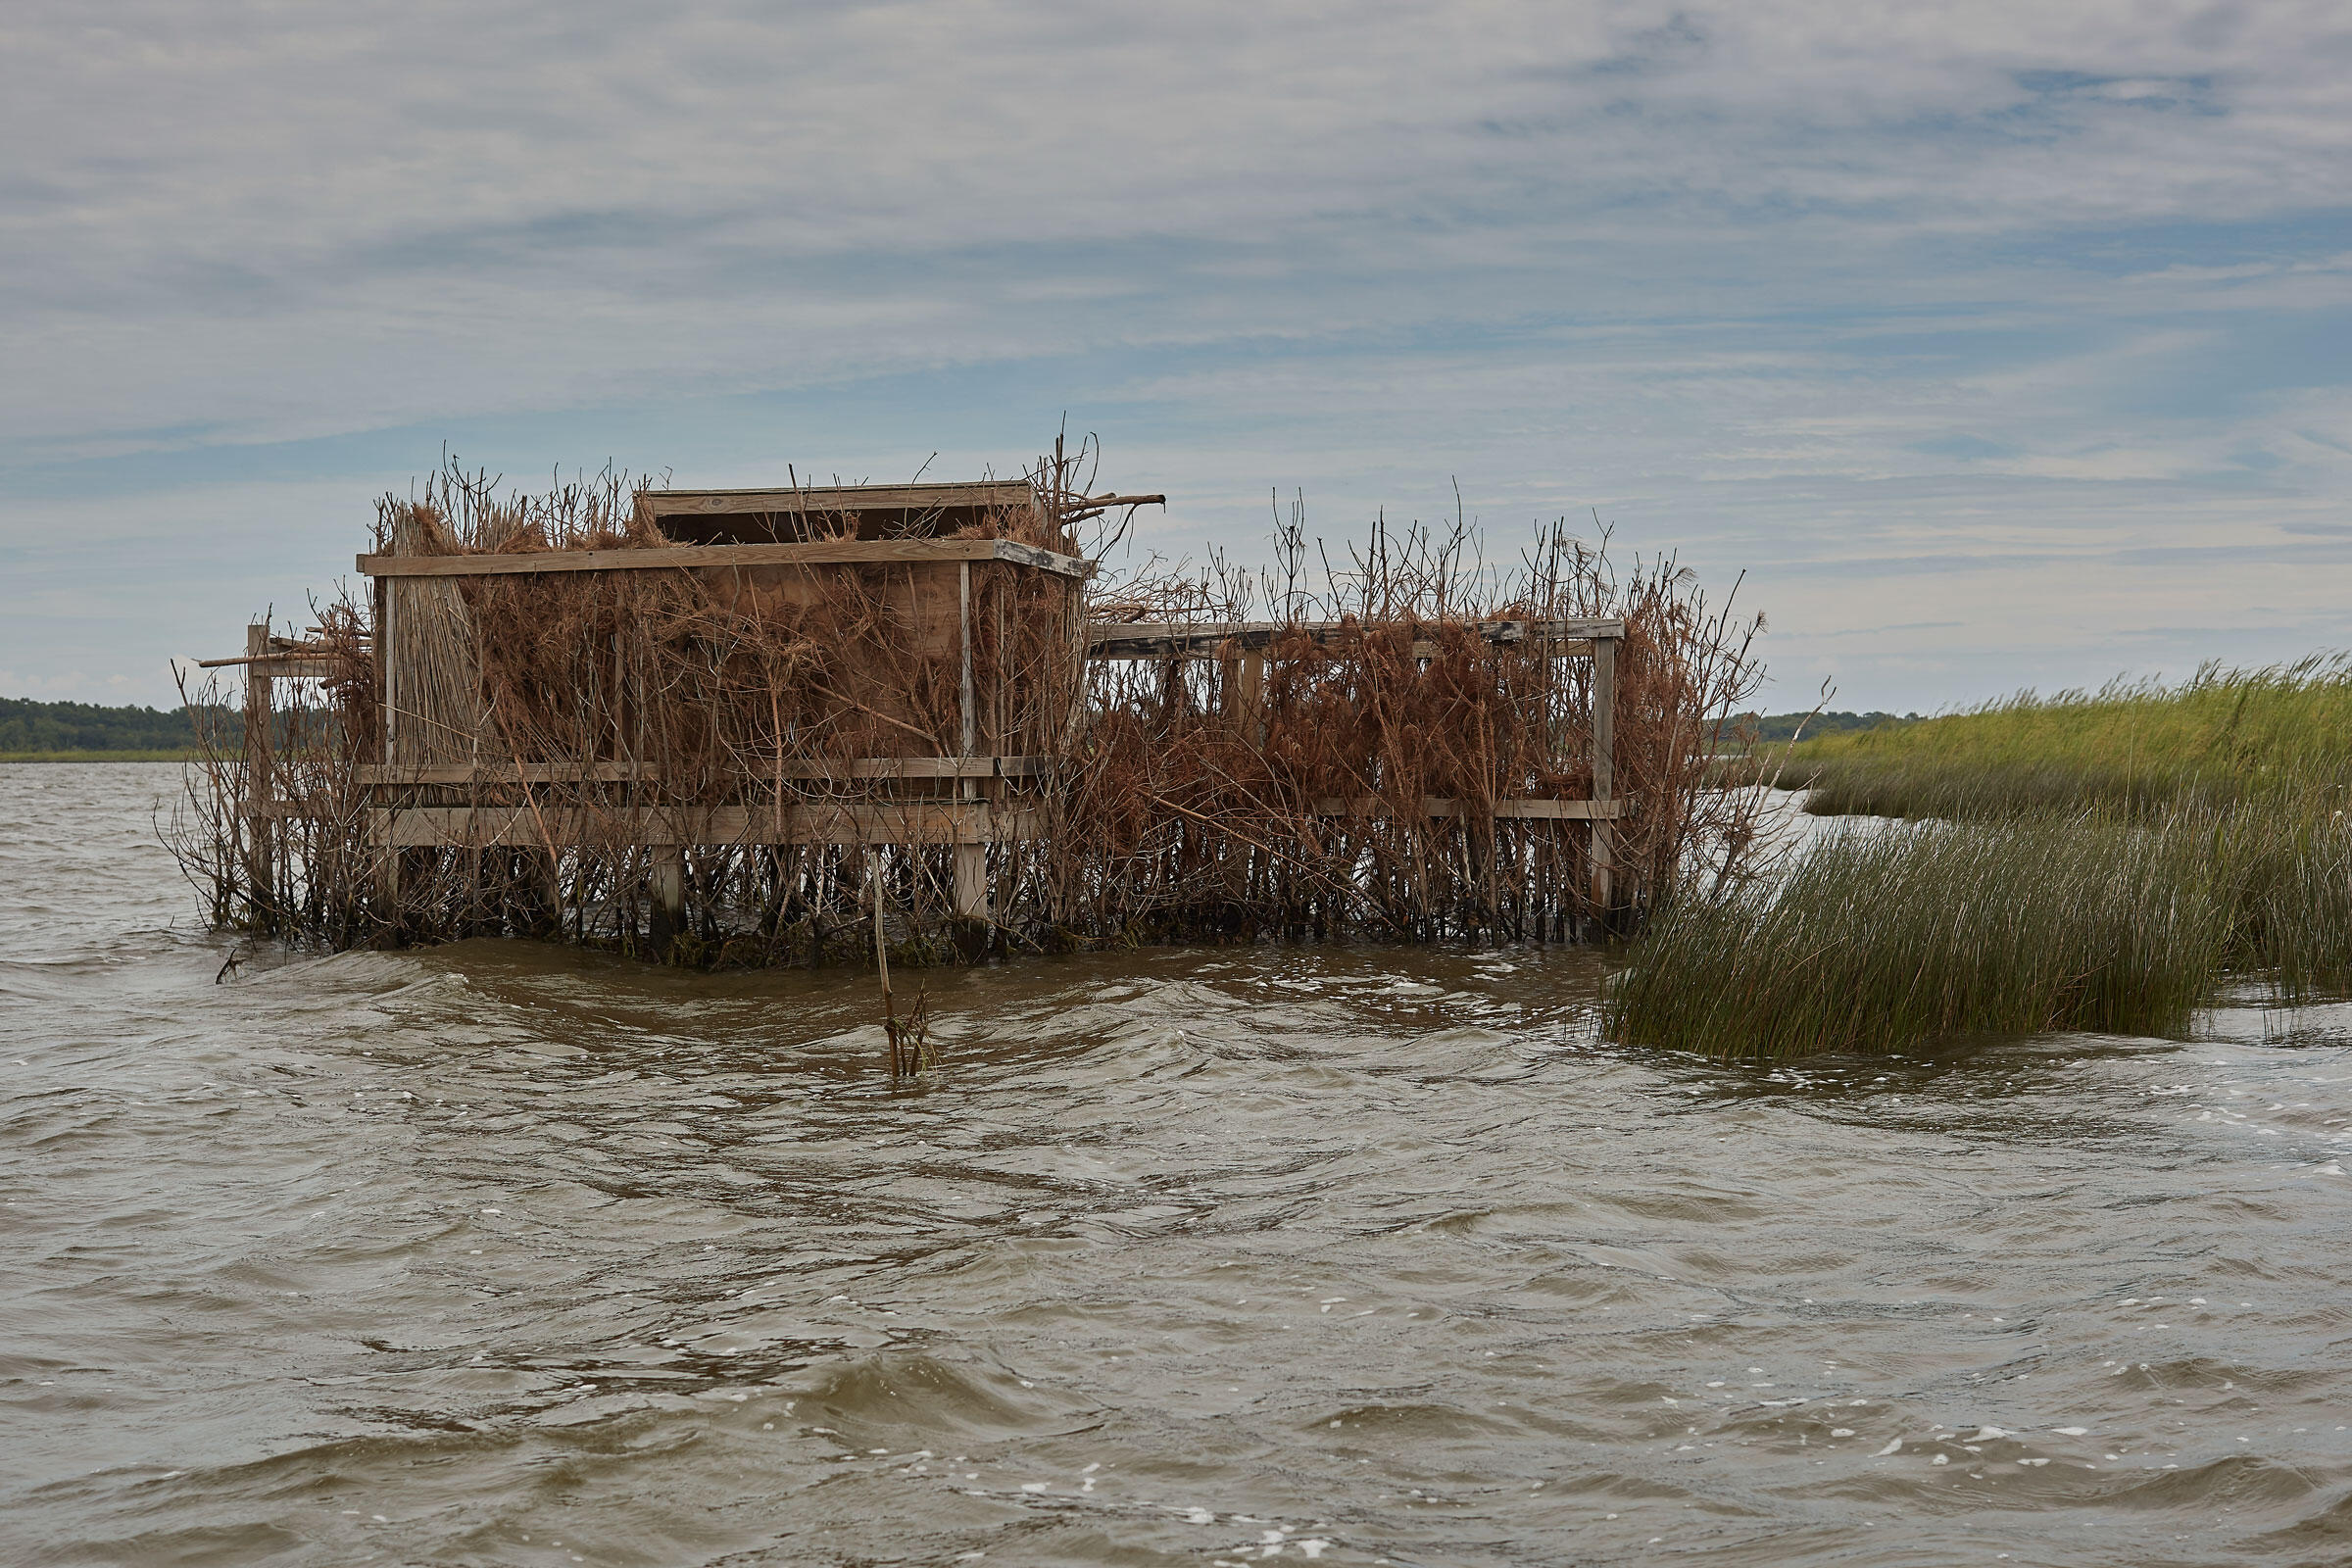 Los refugios para cazadores en Pine Island, aun usados para cazas cuidadosamente manejadas, recuerdan los días cuando cuentos de miles de anseriformes usaban el Currituck Sound en otoño e invierno.